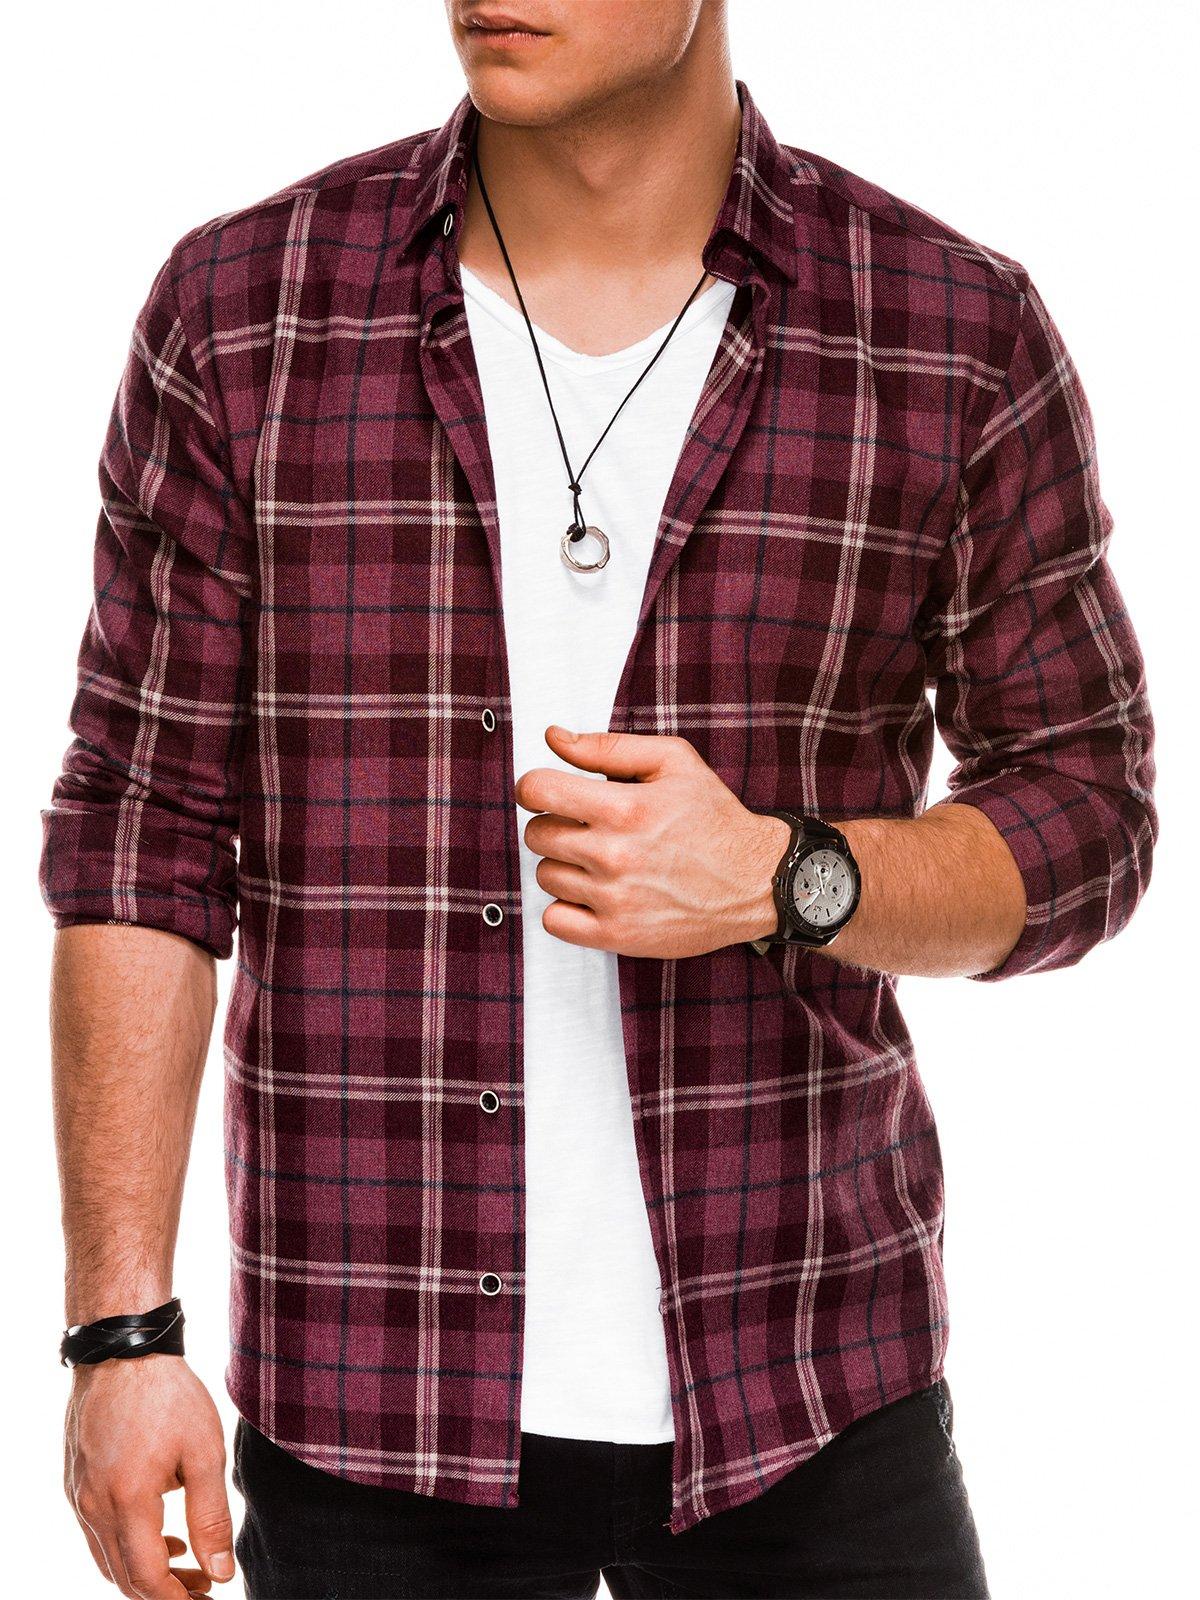 Koszula męska wkratę zdługim rękawem K511 - bordowa